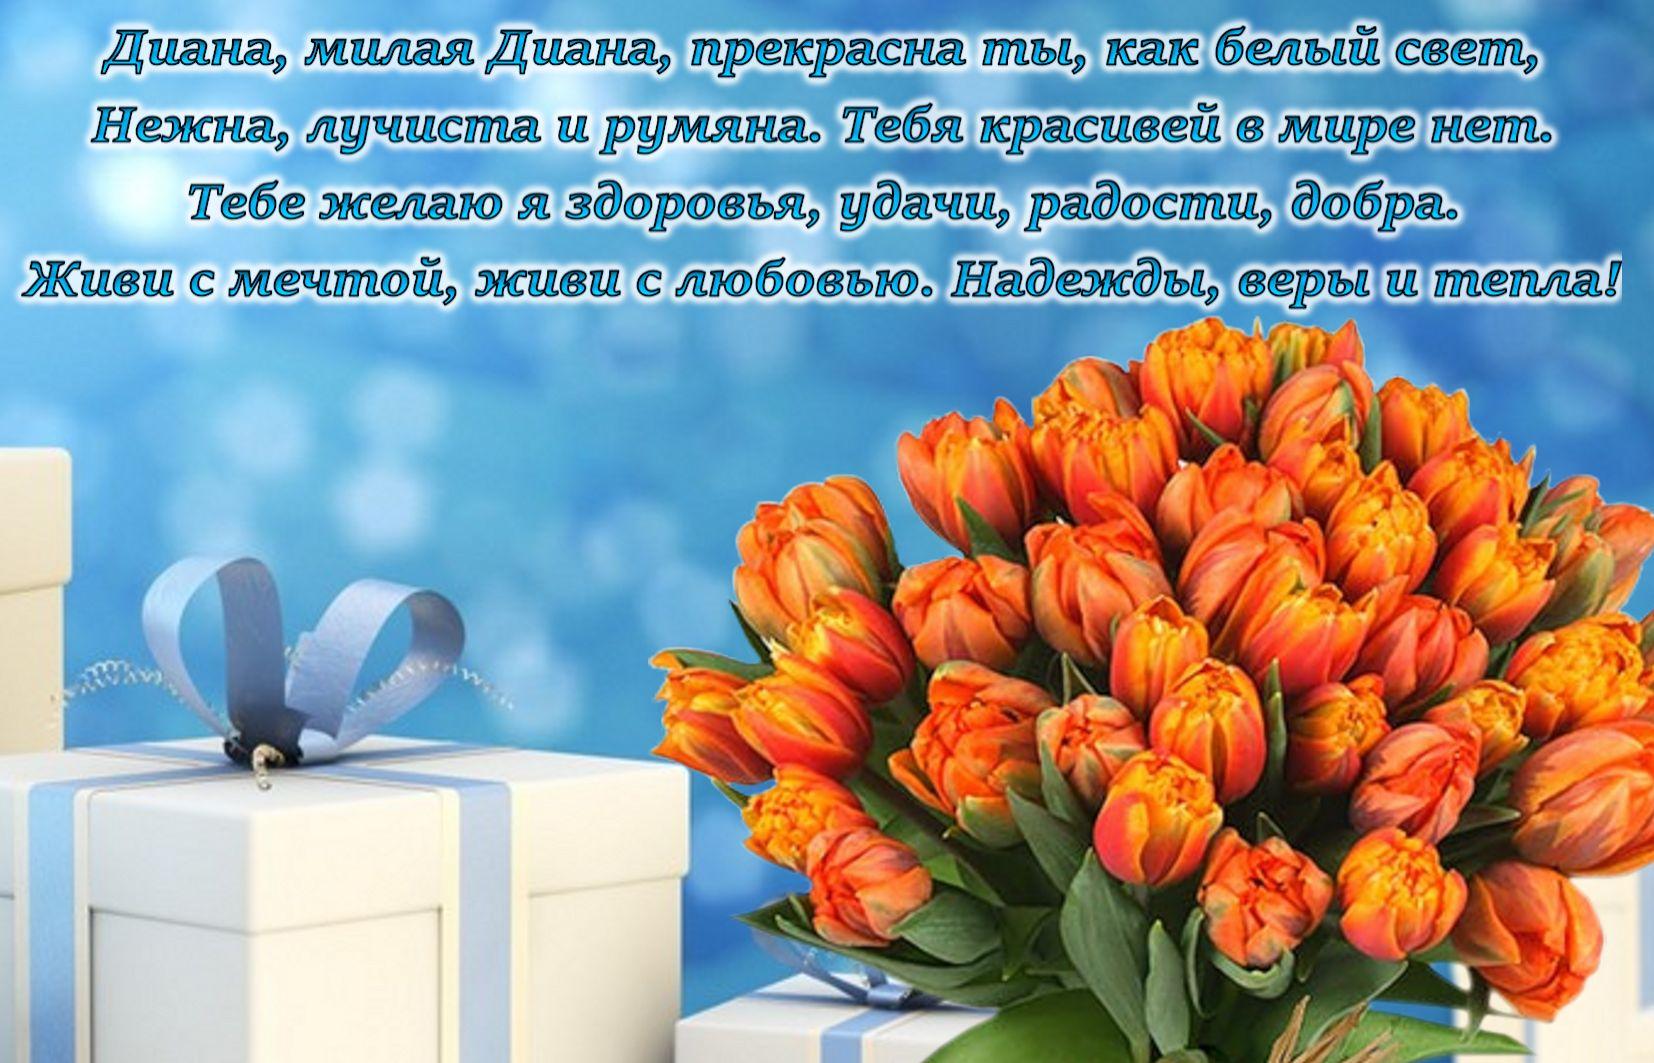 Поздравления с Днем рождения Ирине, Ире в стихах